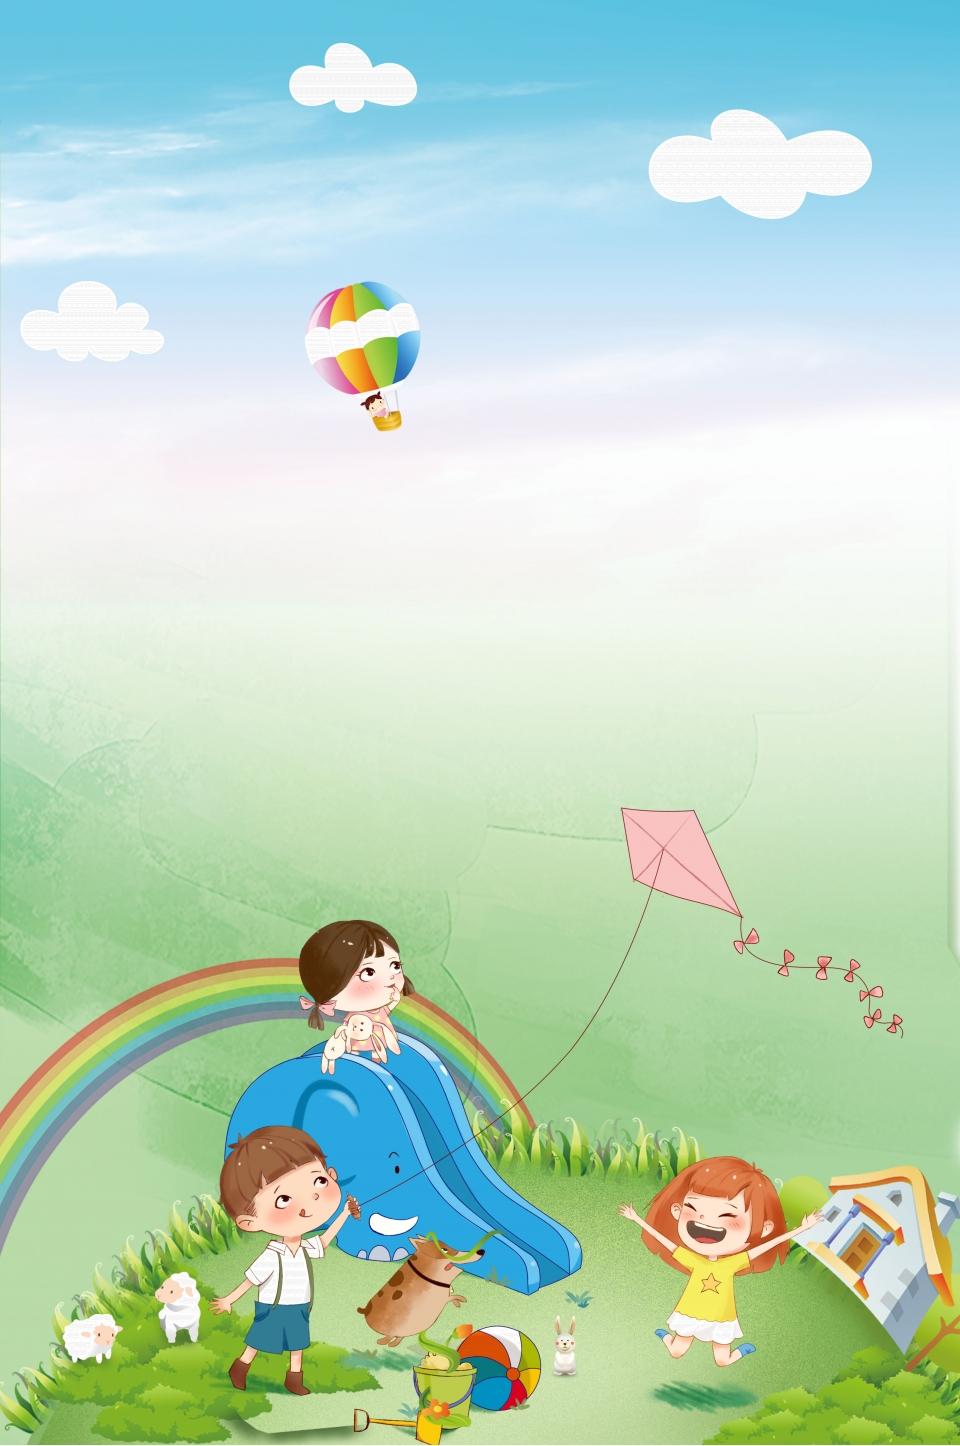 Creative Children S Day Hd Background, Children S Day, 61, Happy Children S  Day Background Image For Free Download